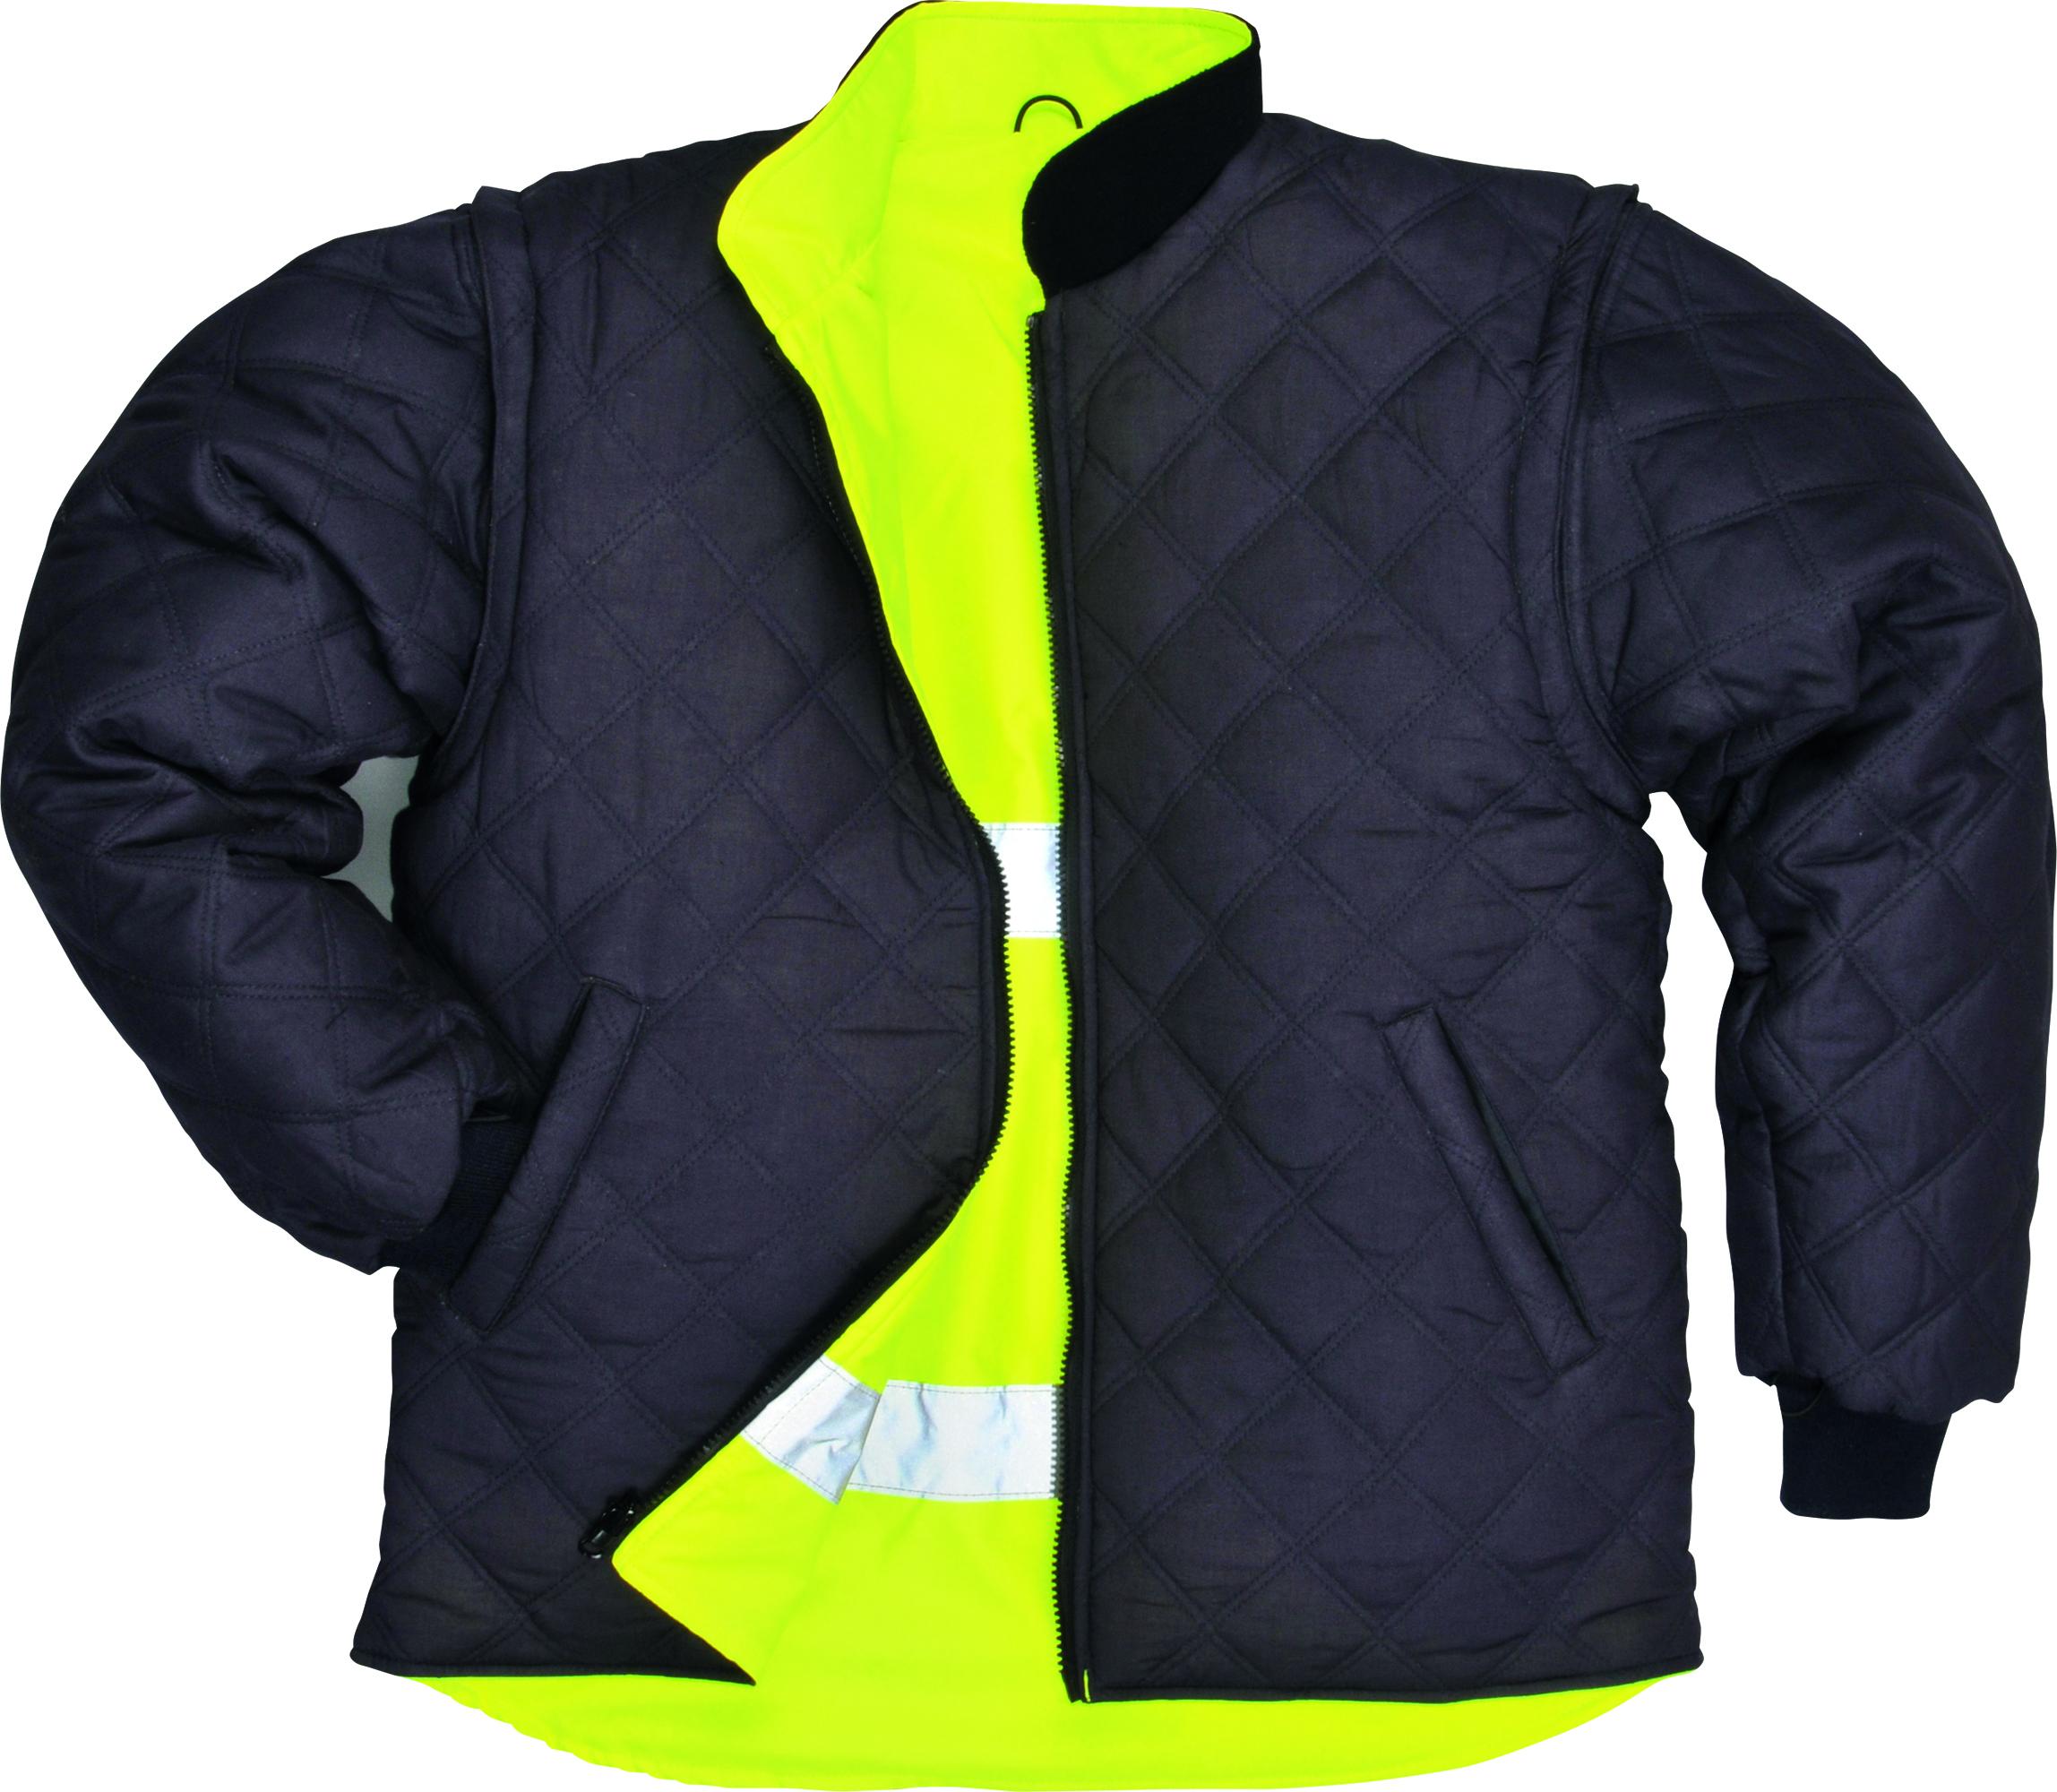 Hi-Vis 7-in-1 Traffic Jacket